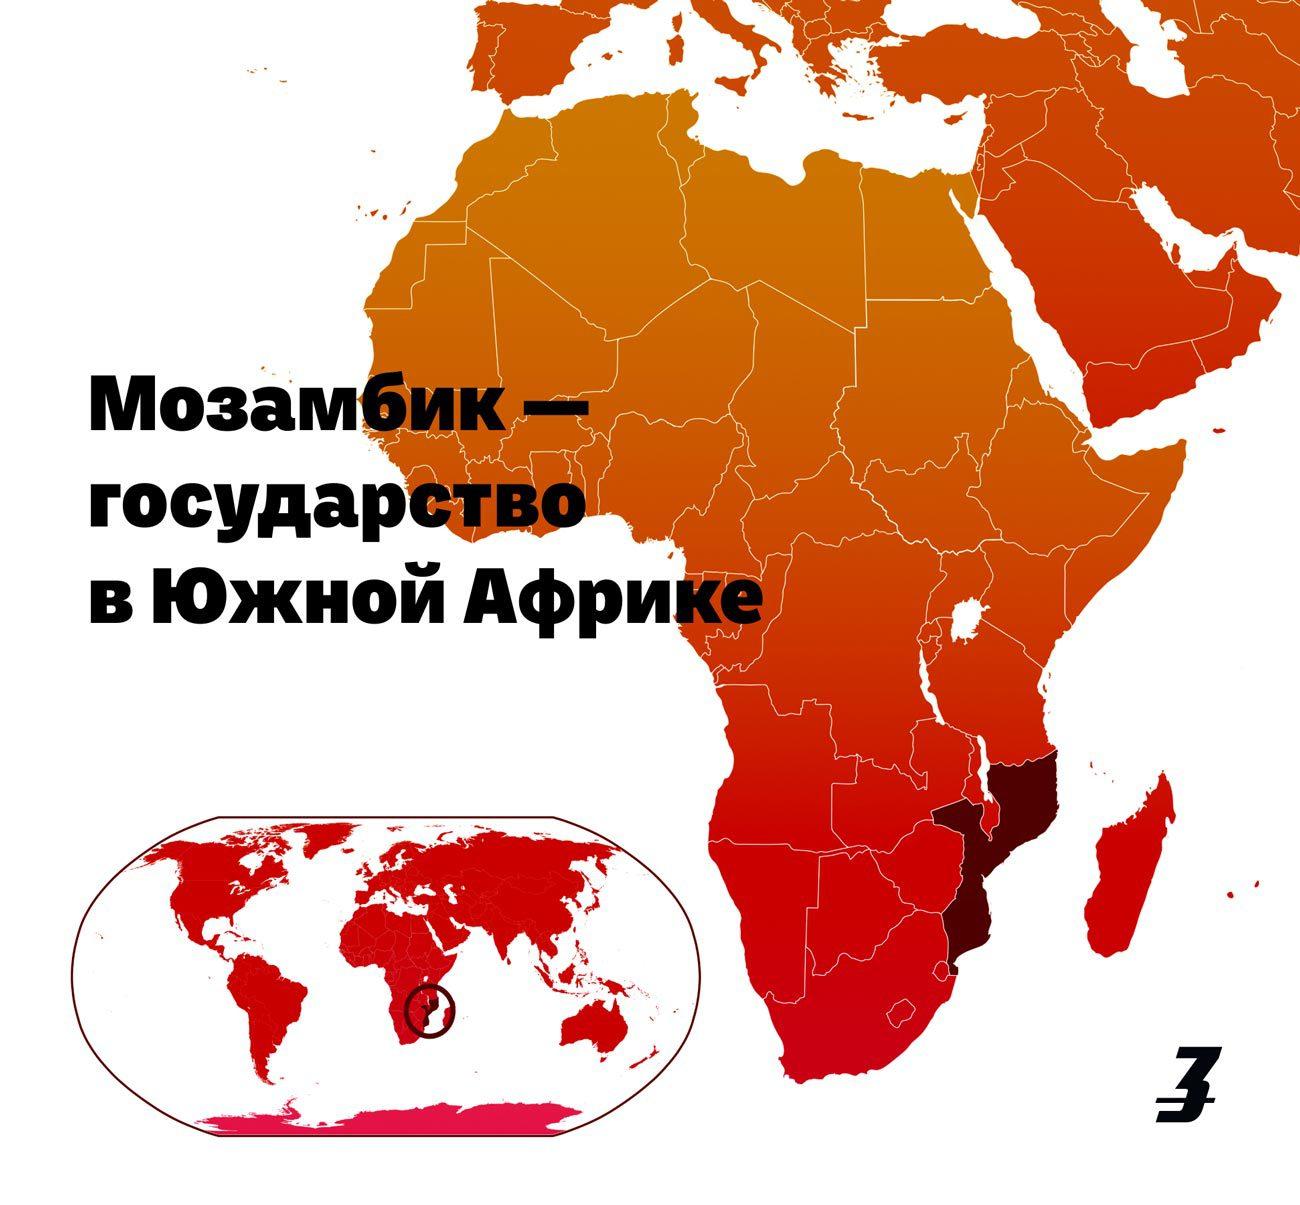 mosambik map 01 ru - <b>В Мозамбике исламисты массово обезглавливают людей.</b> Объясняем, что там происходит - Заборона